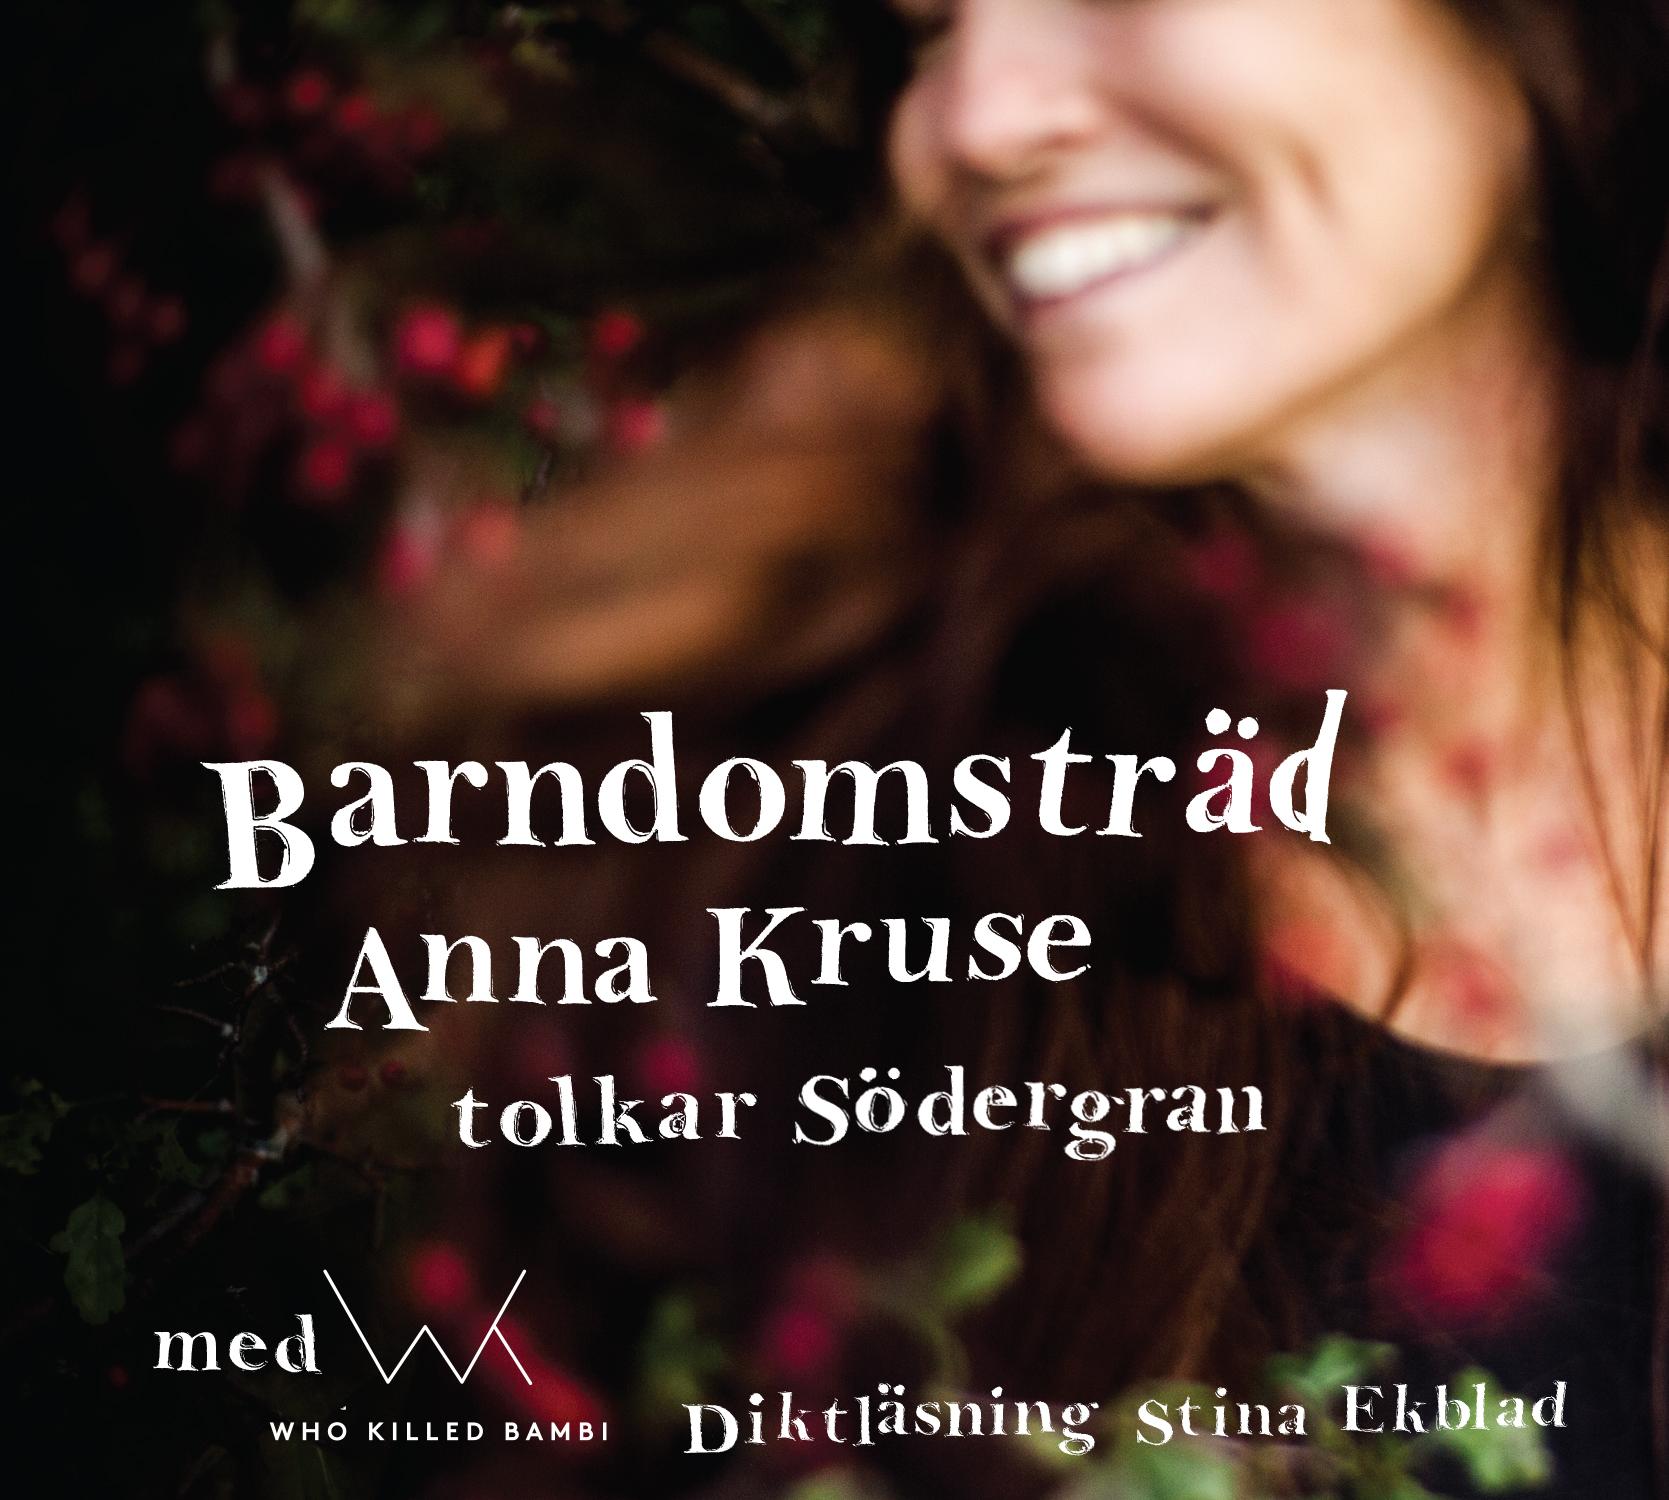 Albummet Barndomsträd med Anna Kruse